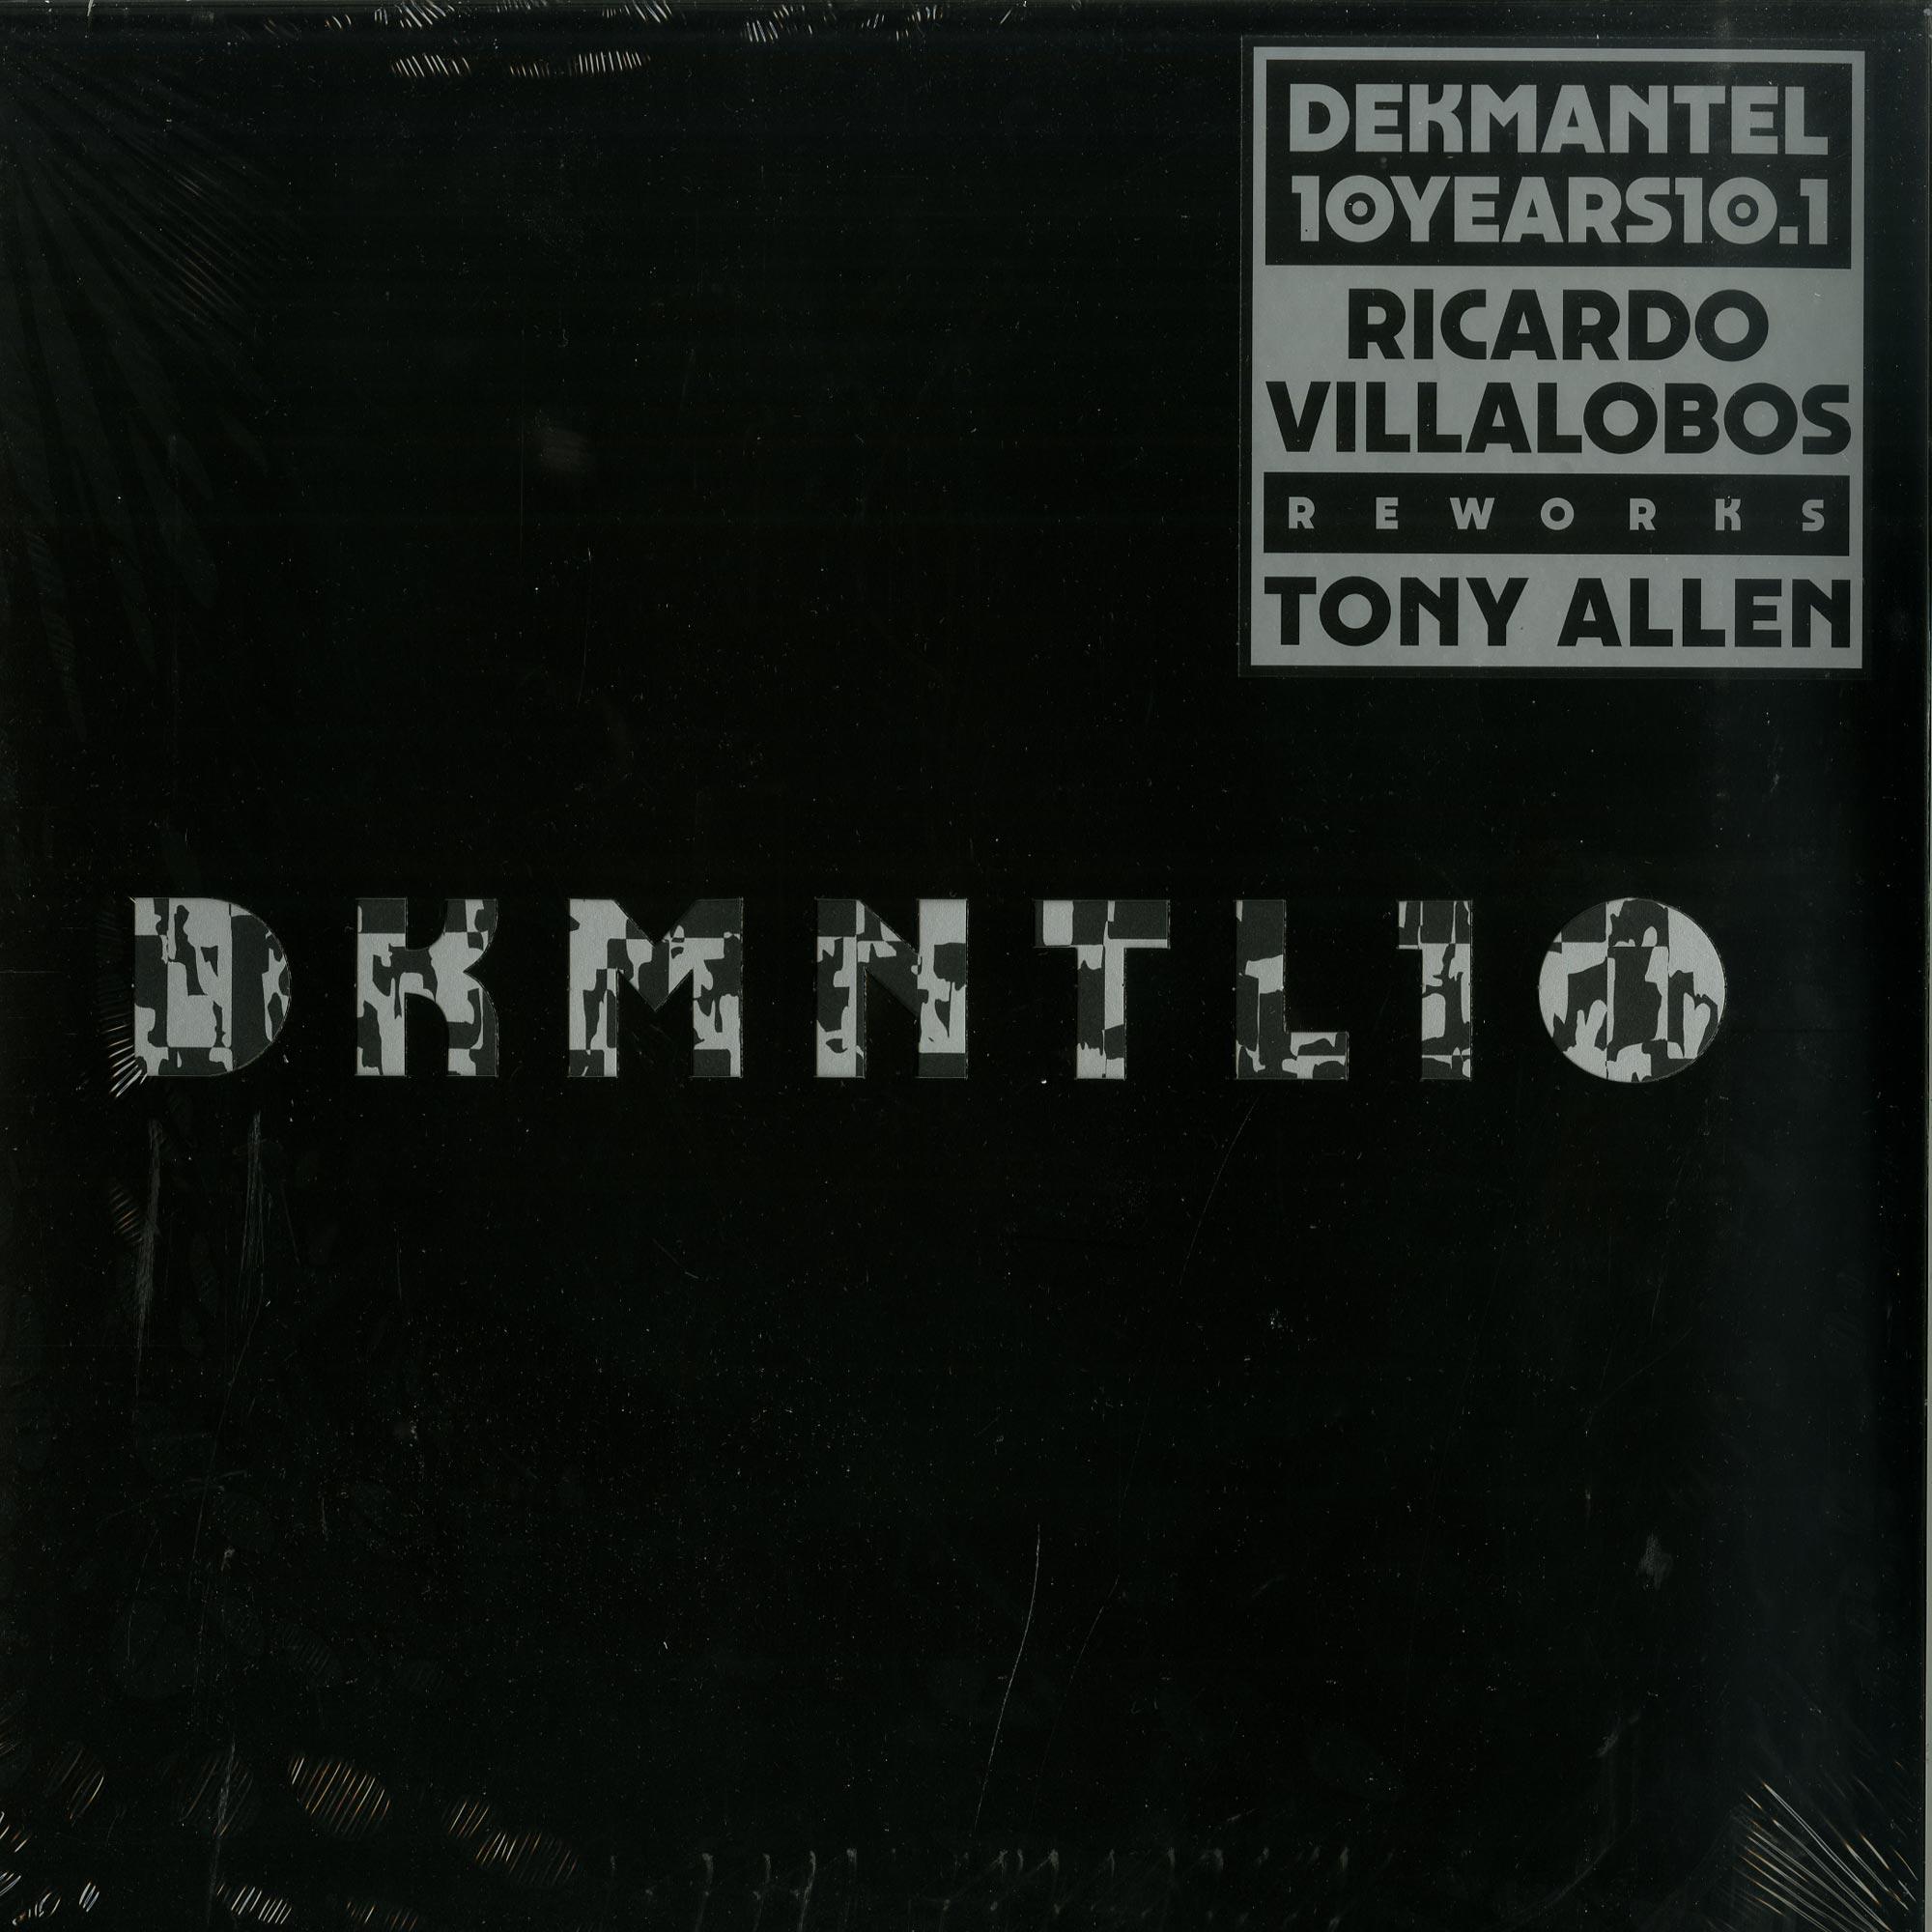 Various Artists  - DEKMANTEL 10 YEARS 10.1